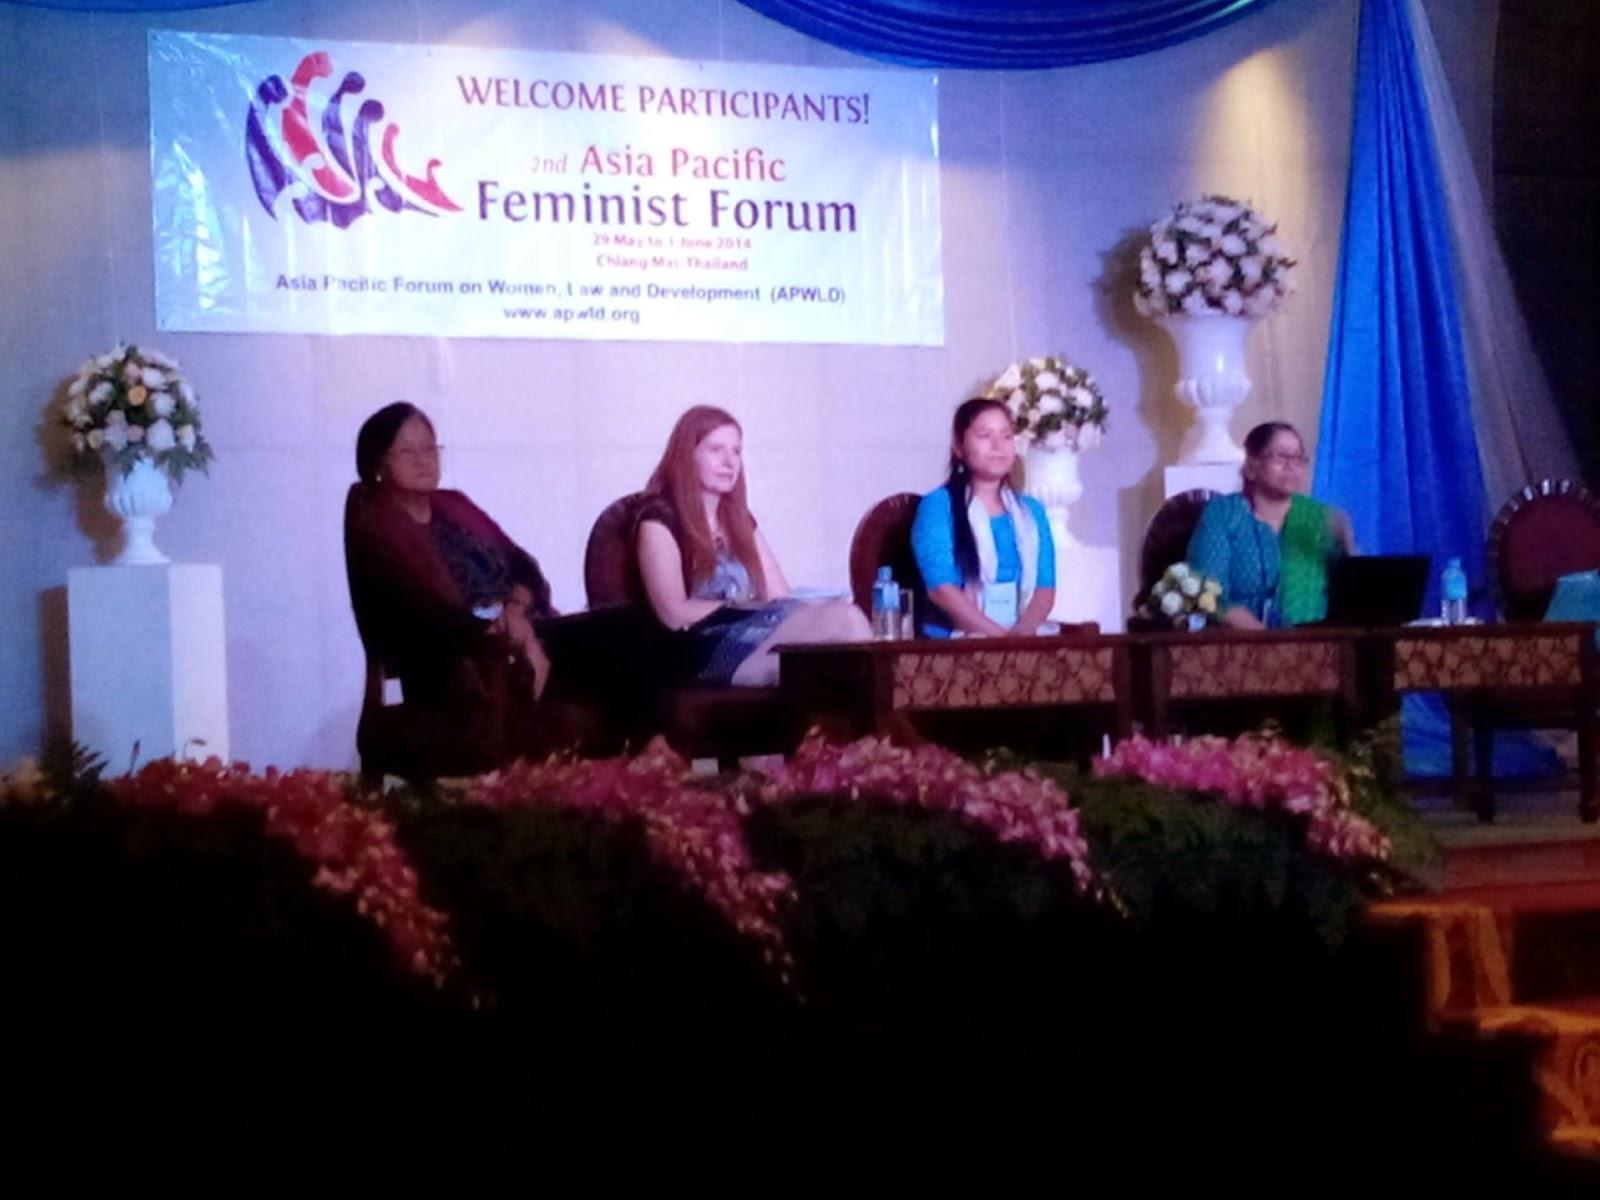 Asia Pacific Feminist Forum; Reframing Feminist Vision